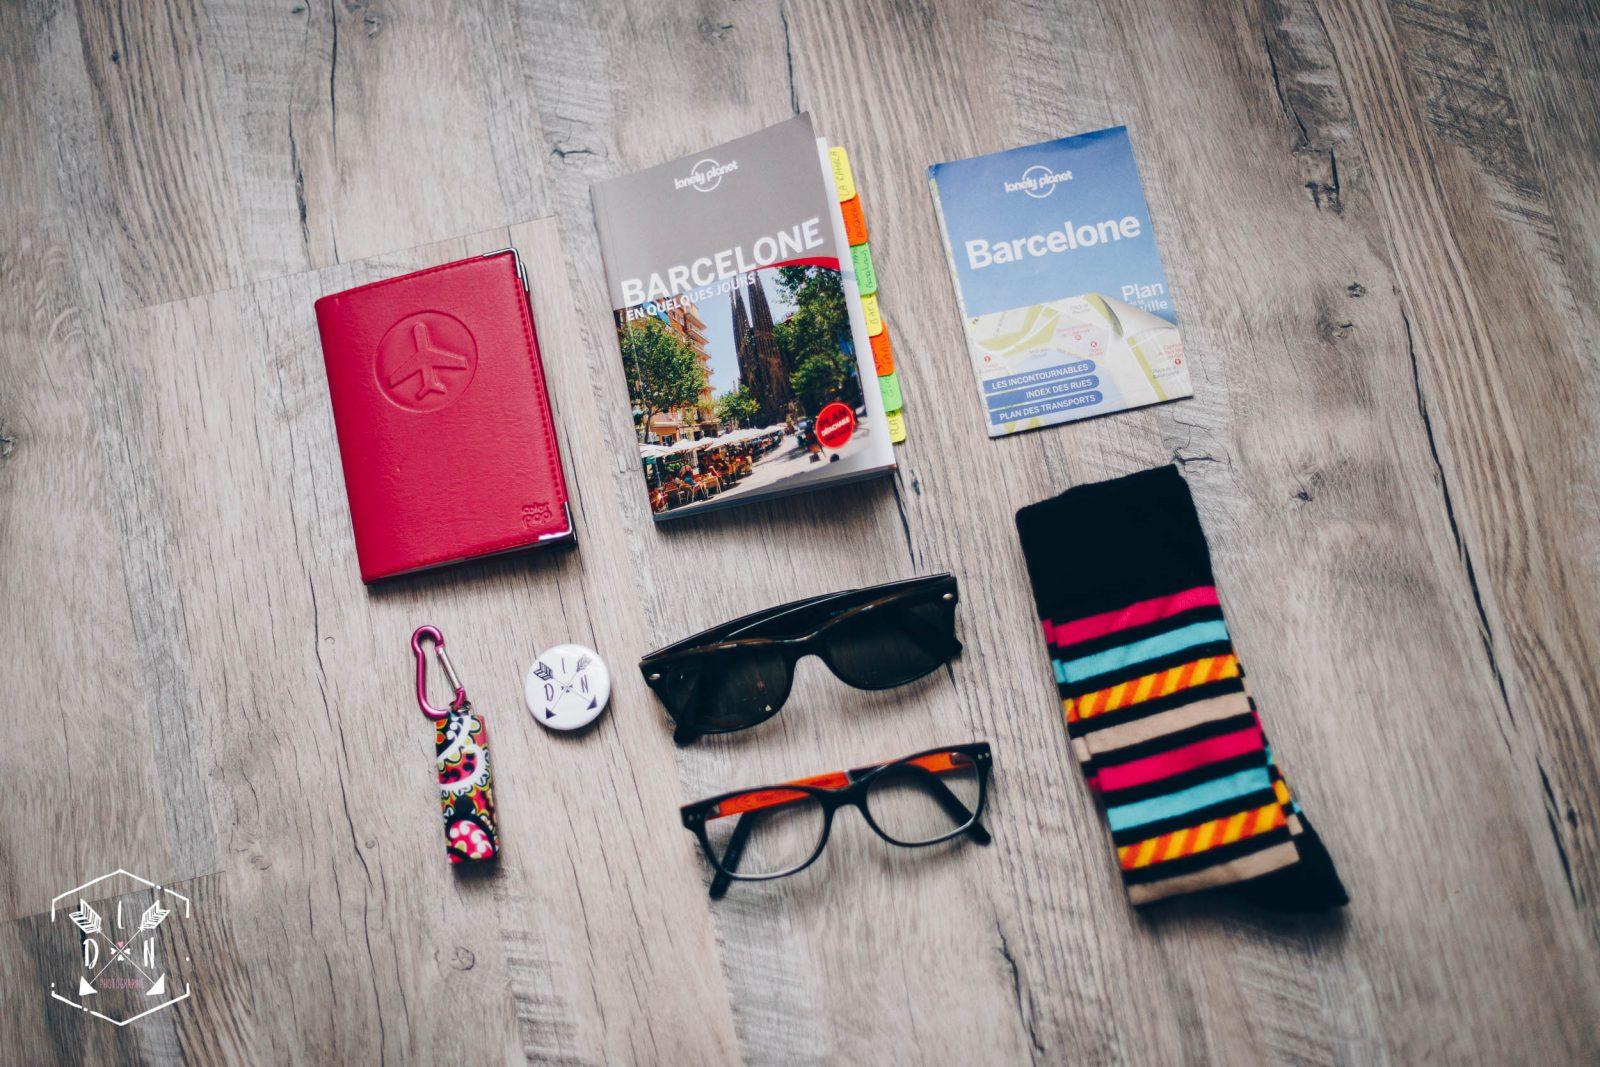 matériel pour voyage à Barcelone, lonely planet barcelone, photo blogueuse de voyage et photographie, L'oeil de Noémie une photographe qui voyage